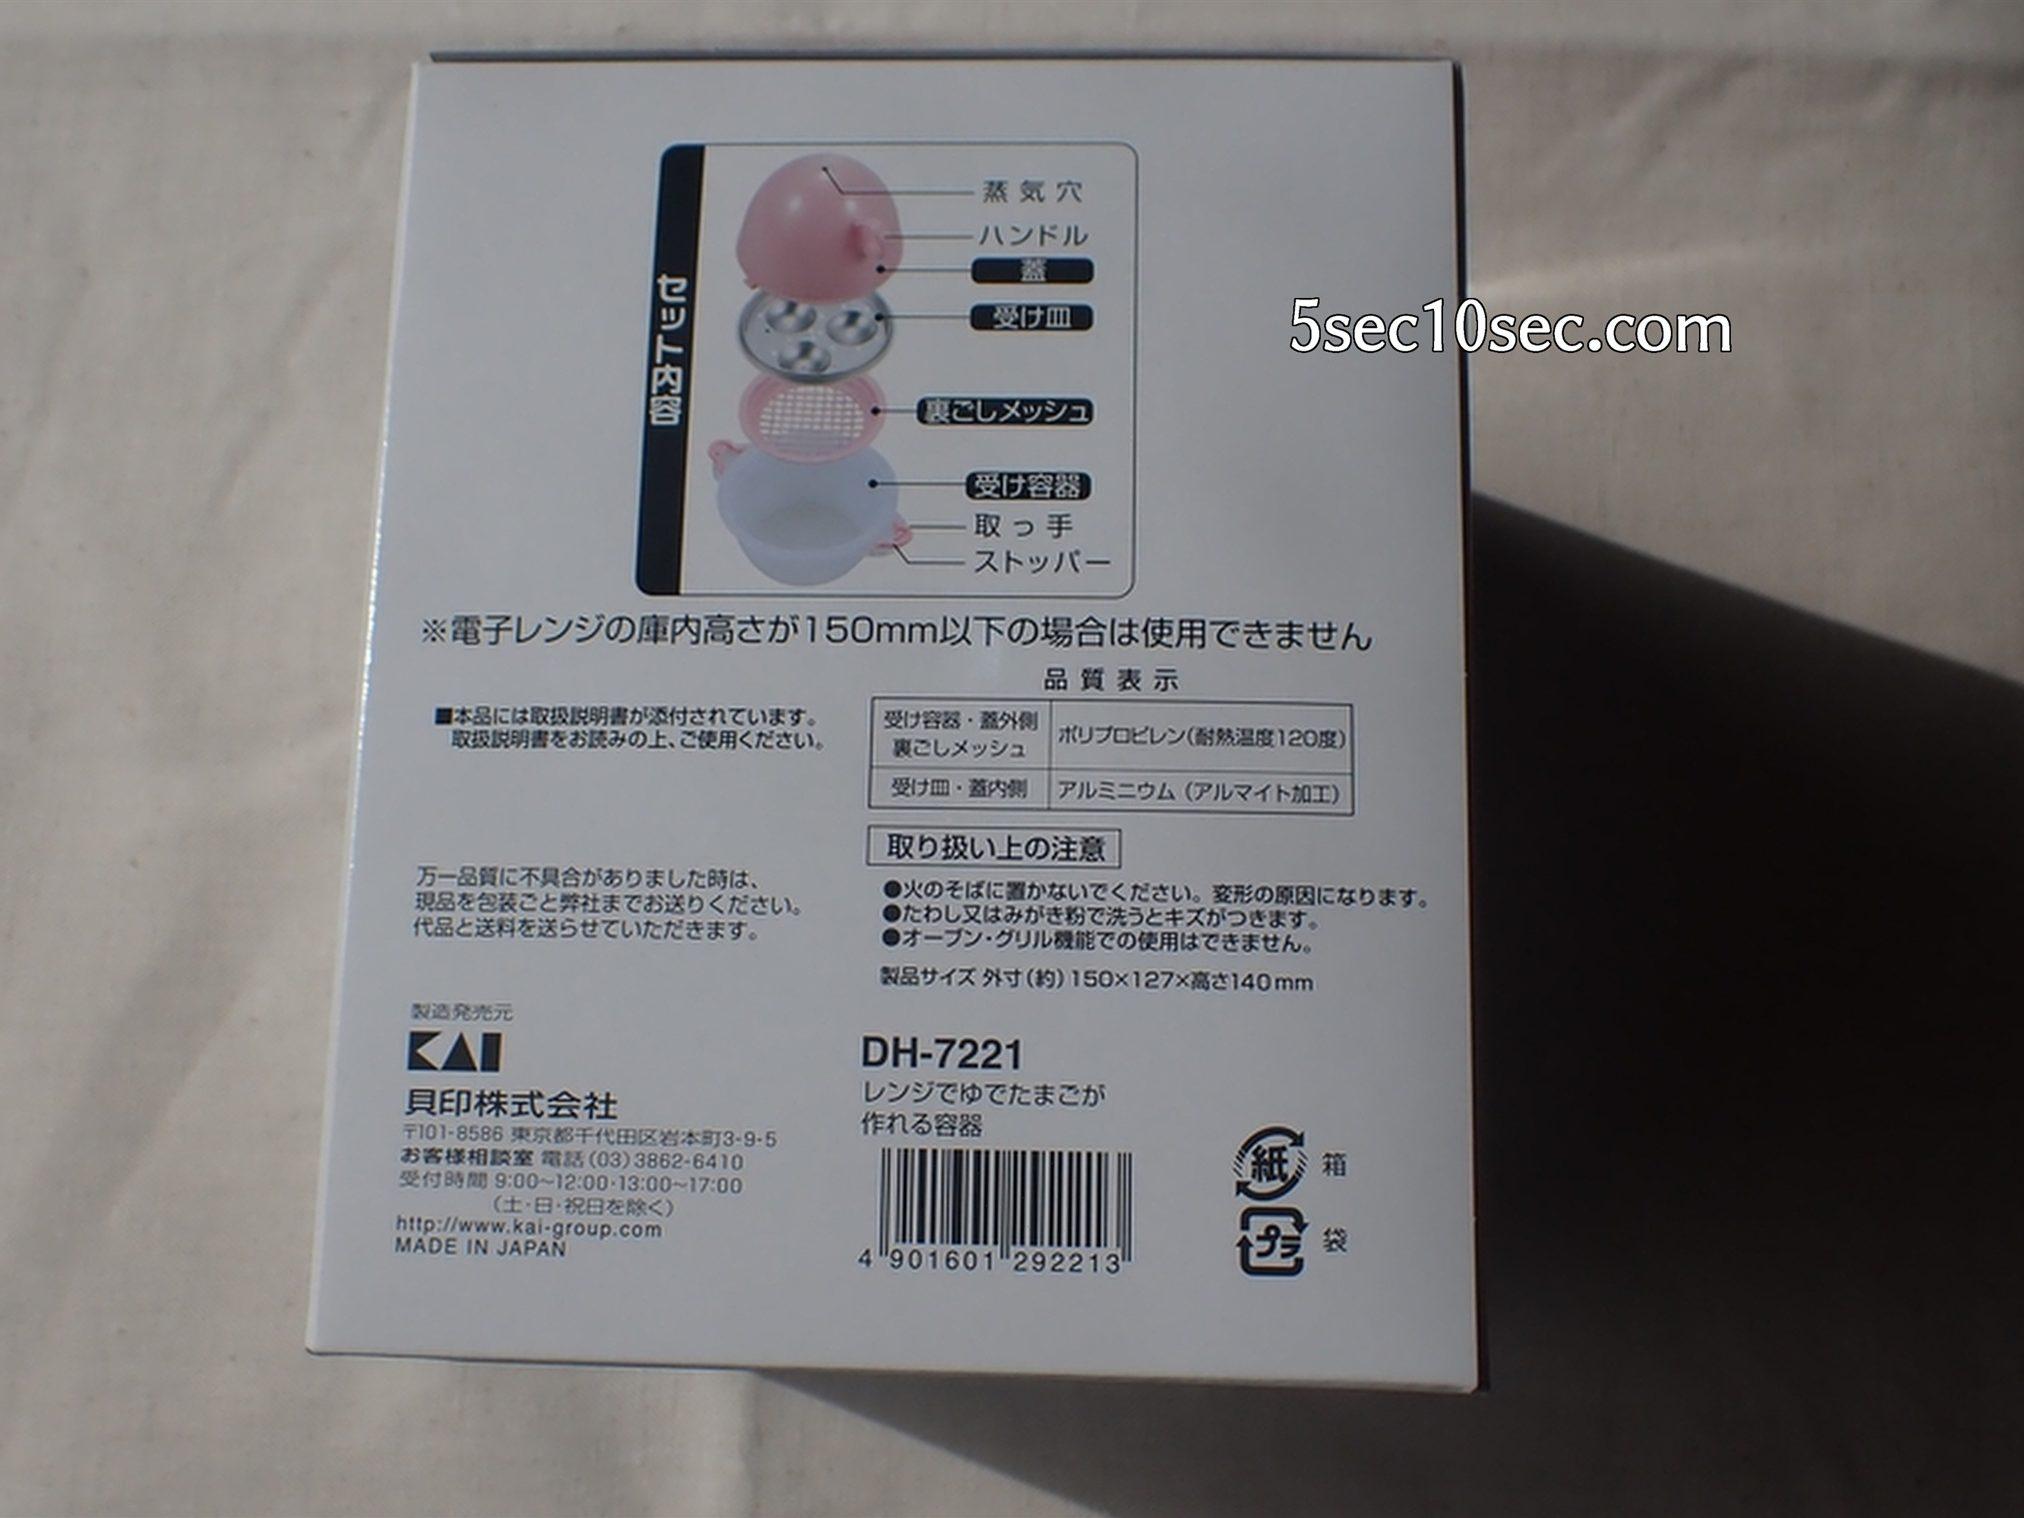 貝印 KAI レンジでゆでたまごが作れる容器 セット内容